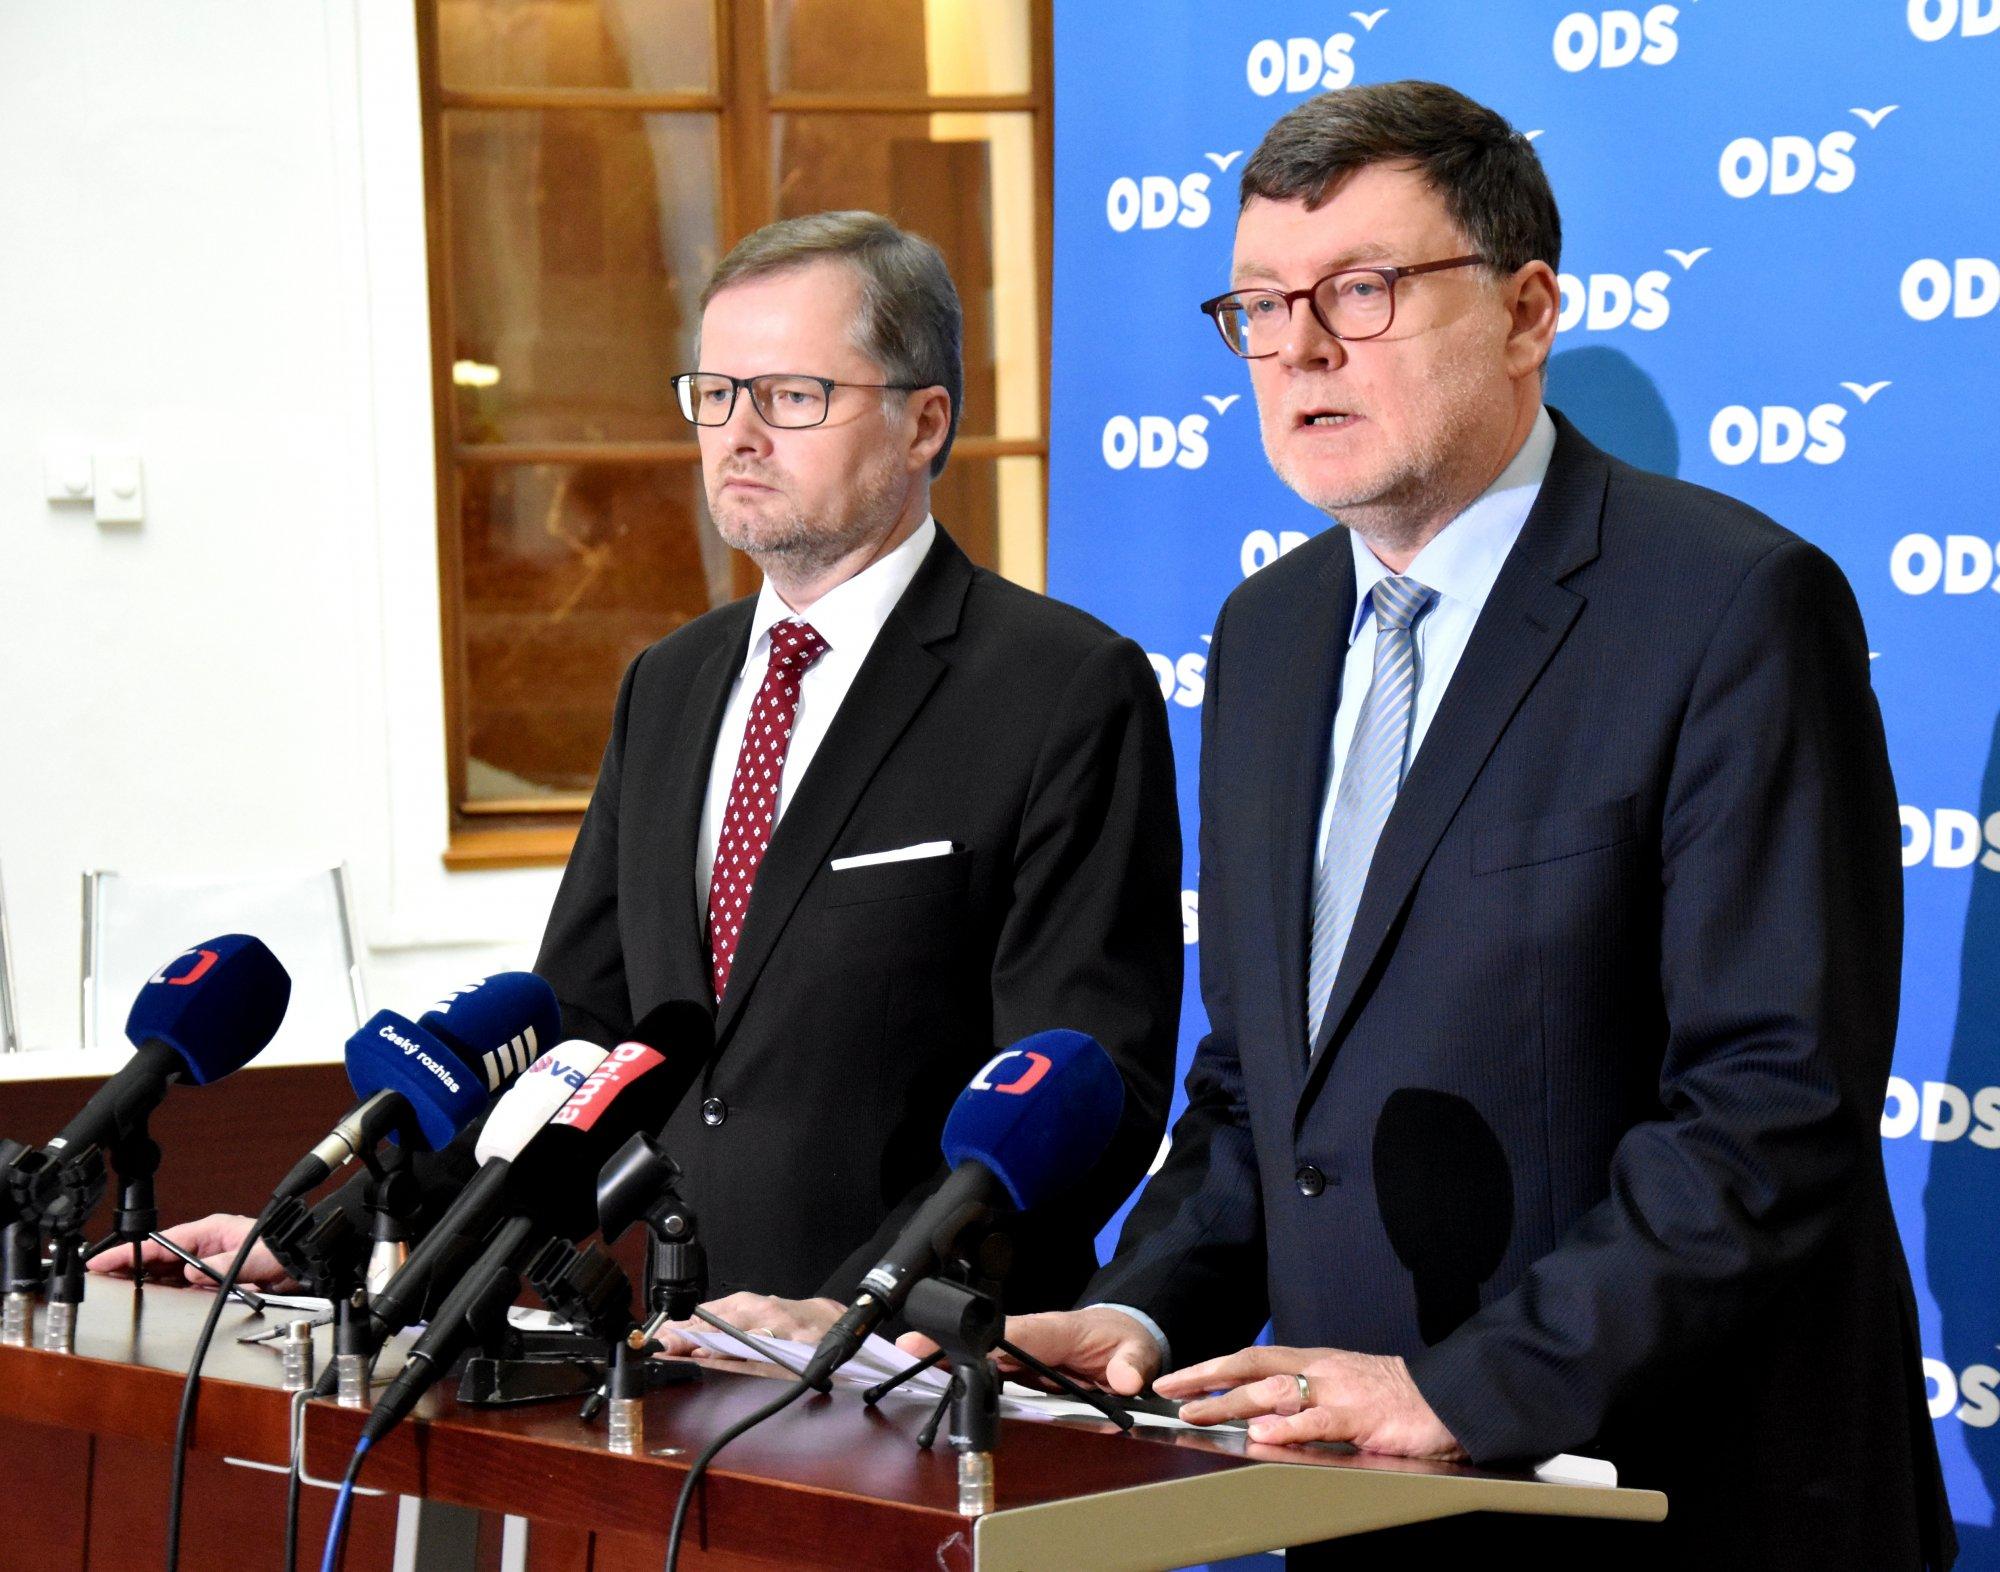 Žádáme vládu o informaci, jak bude využito 33 mld. z EU